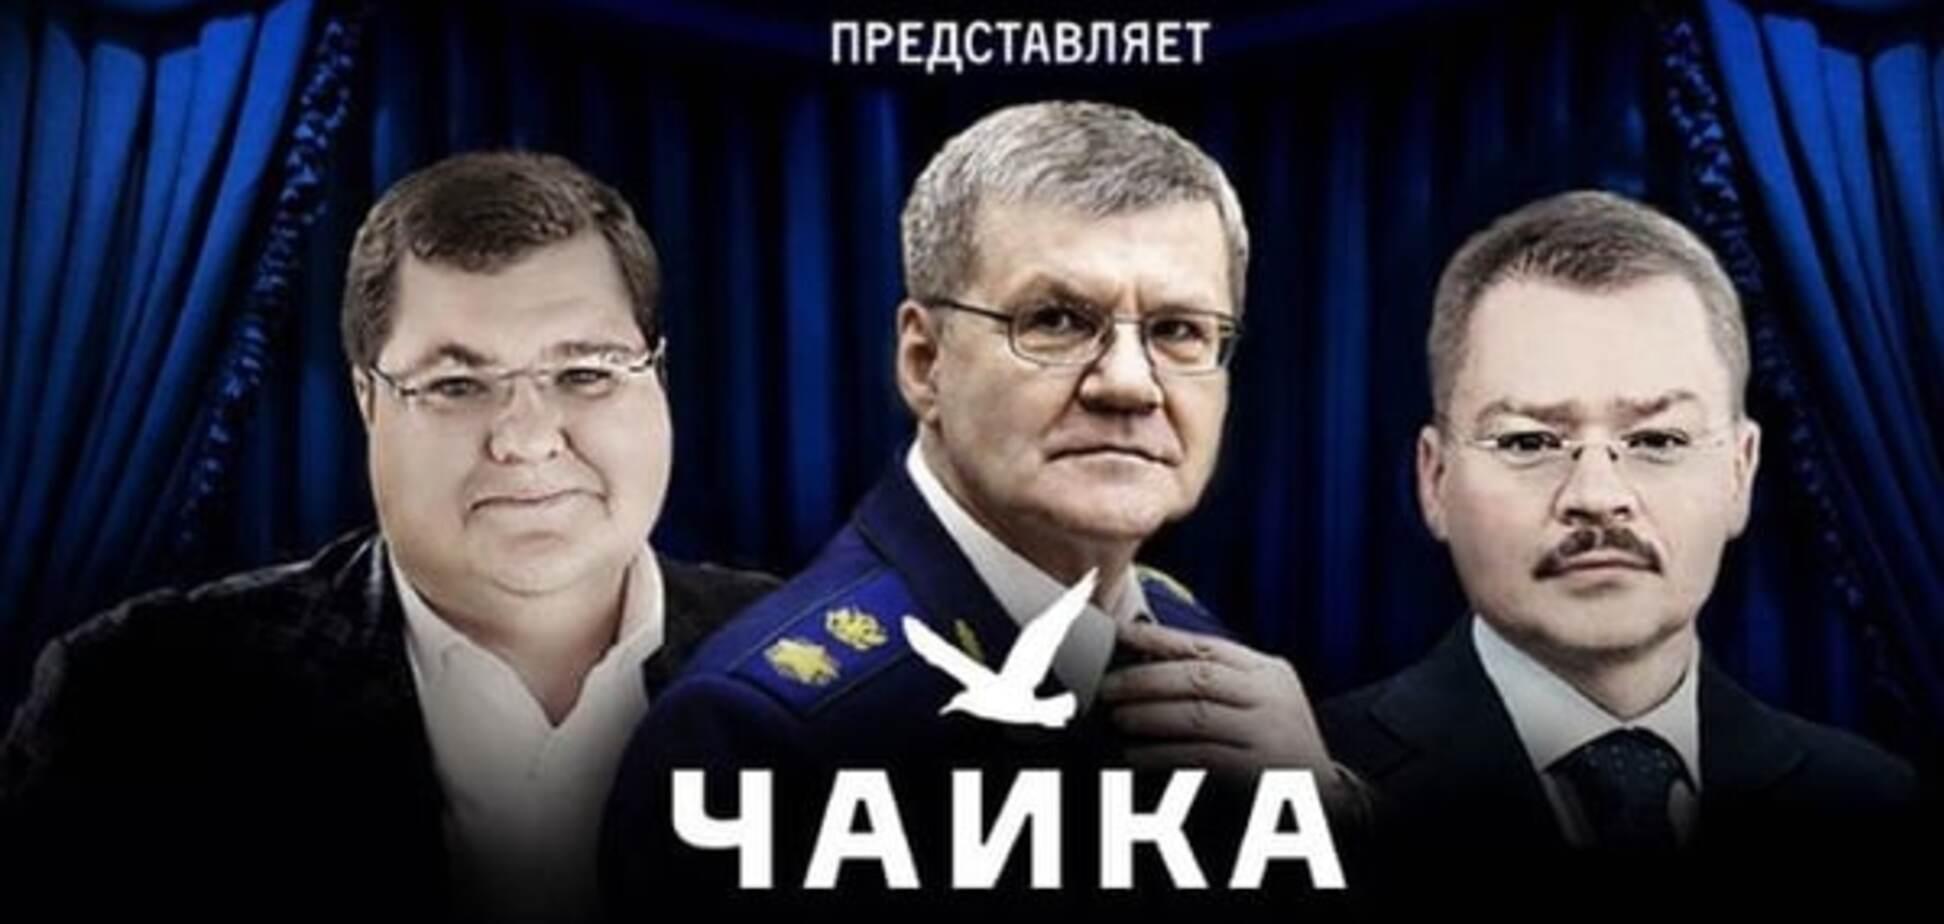 Розслідування року: у Росії викрили 'сімейний бізнес' генпрокурора